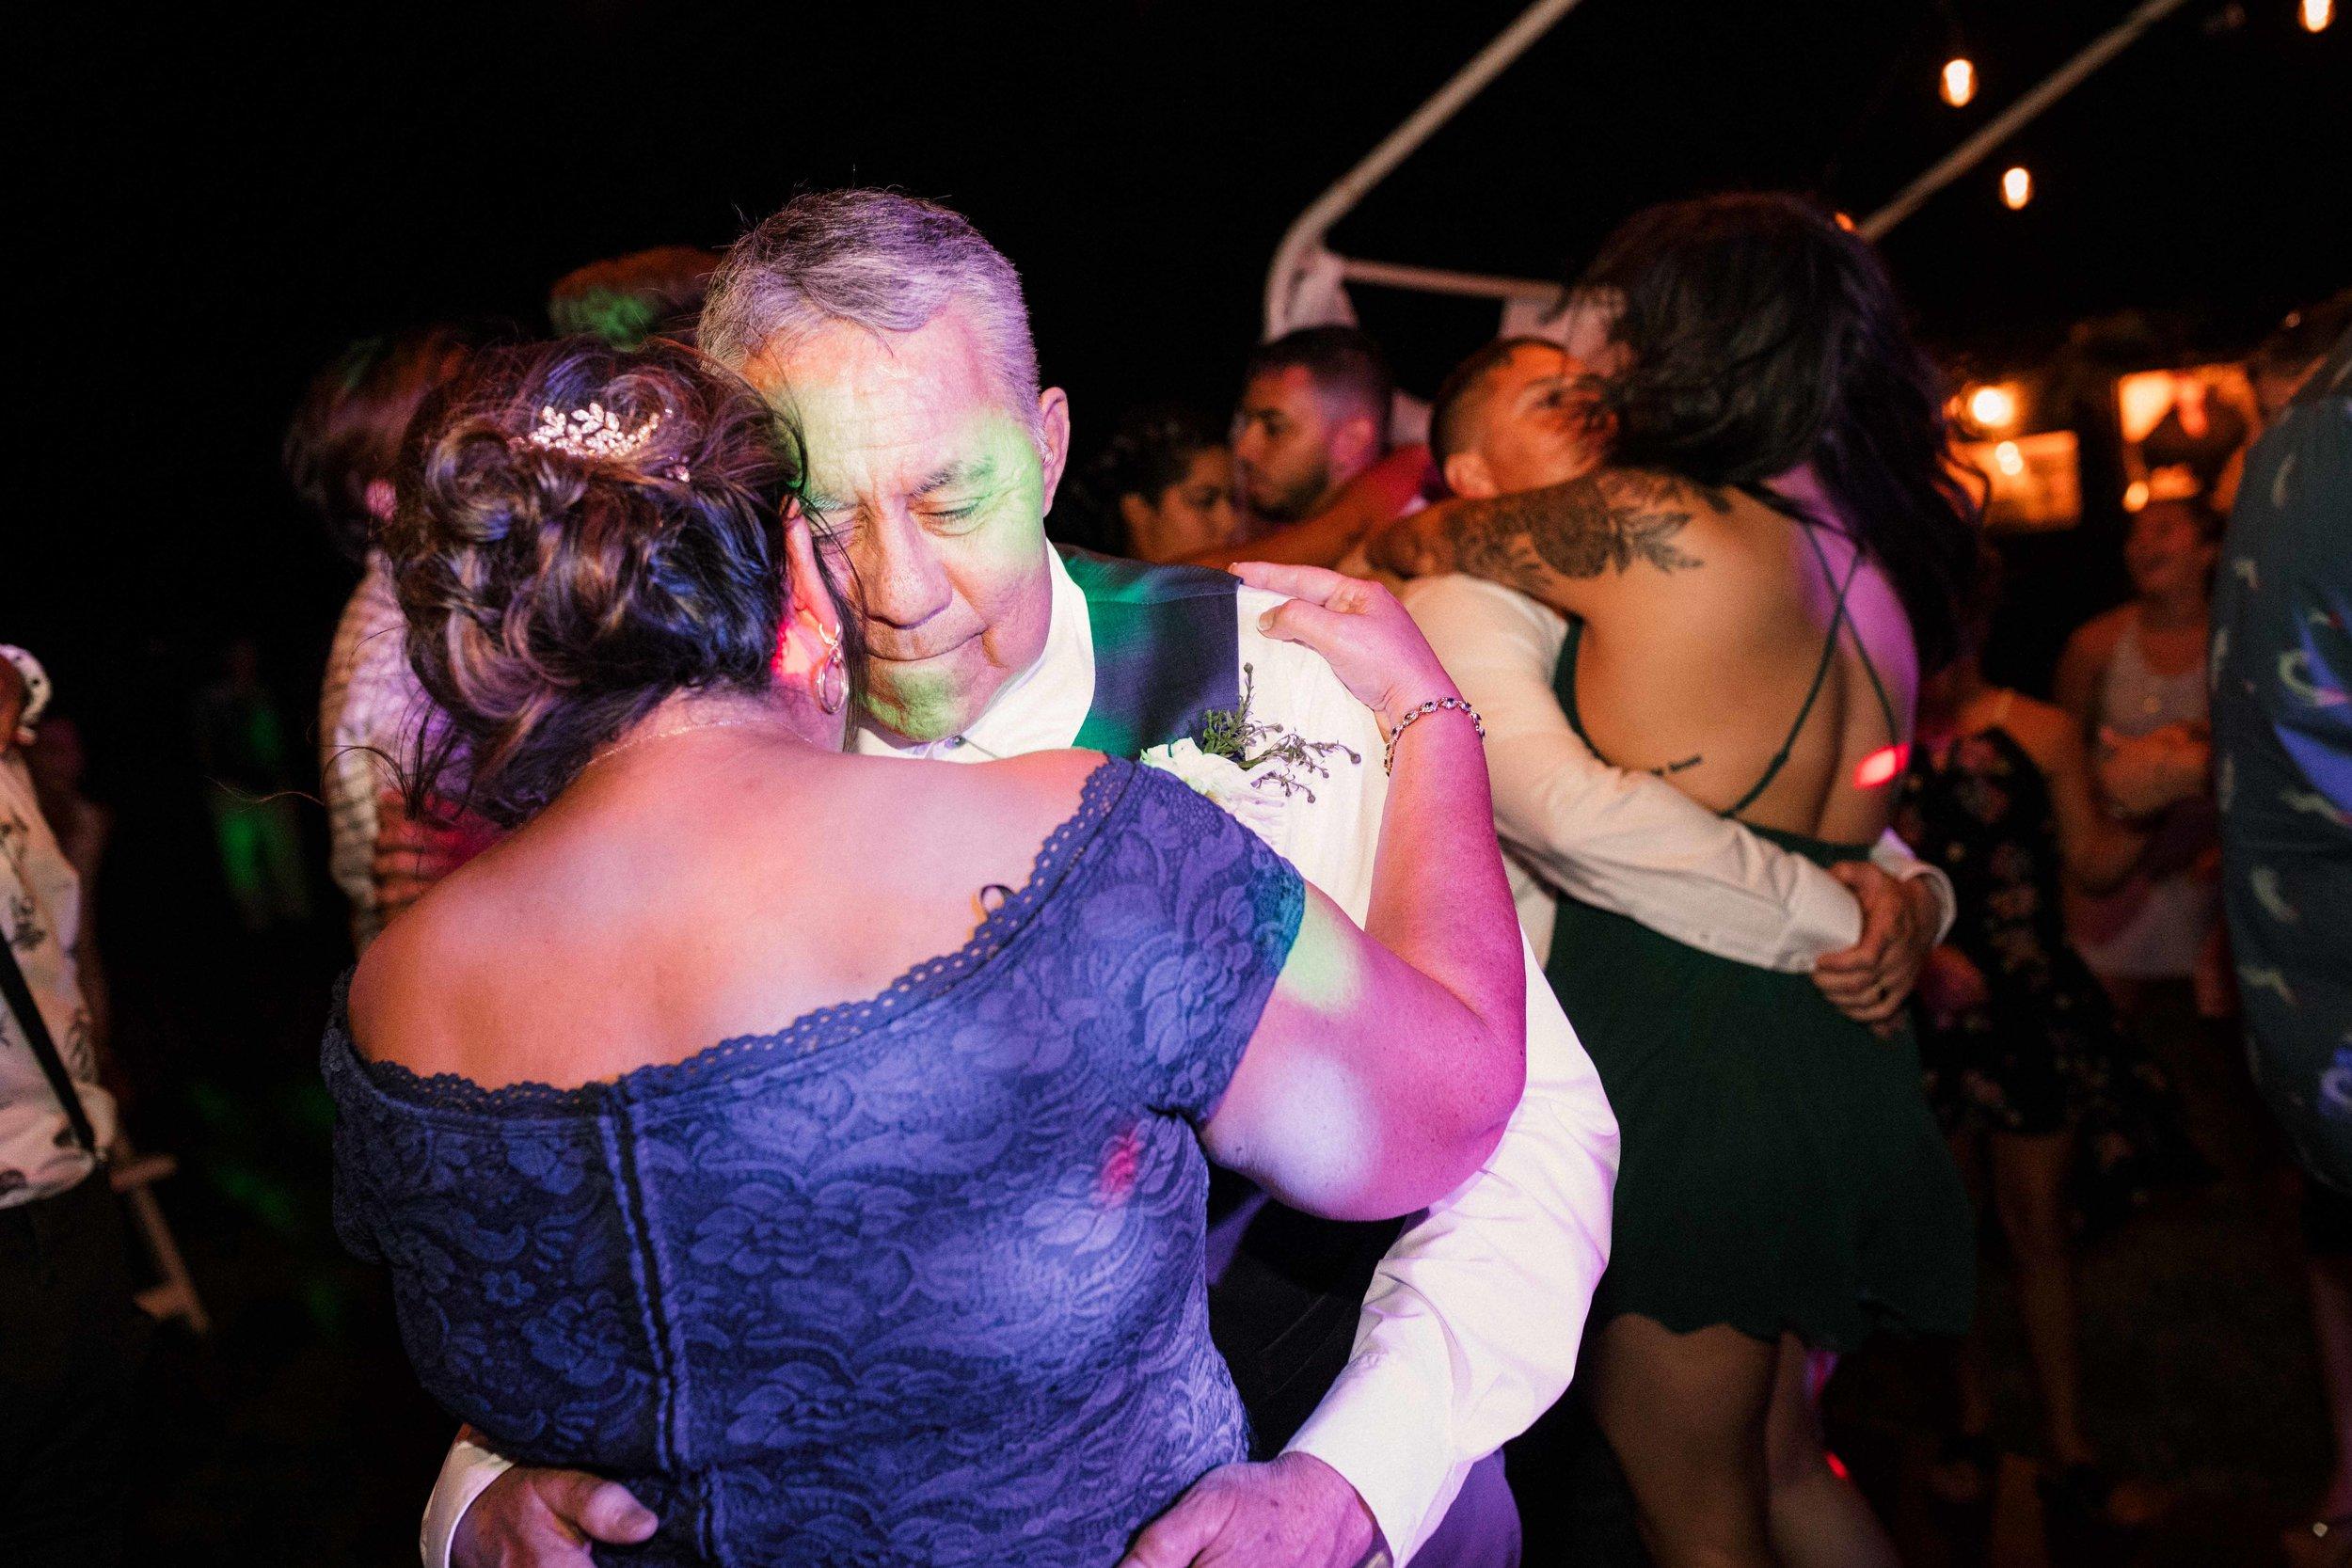 pasco-wedding-photos-78.jpg